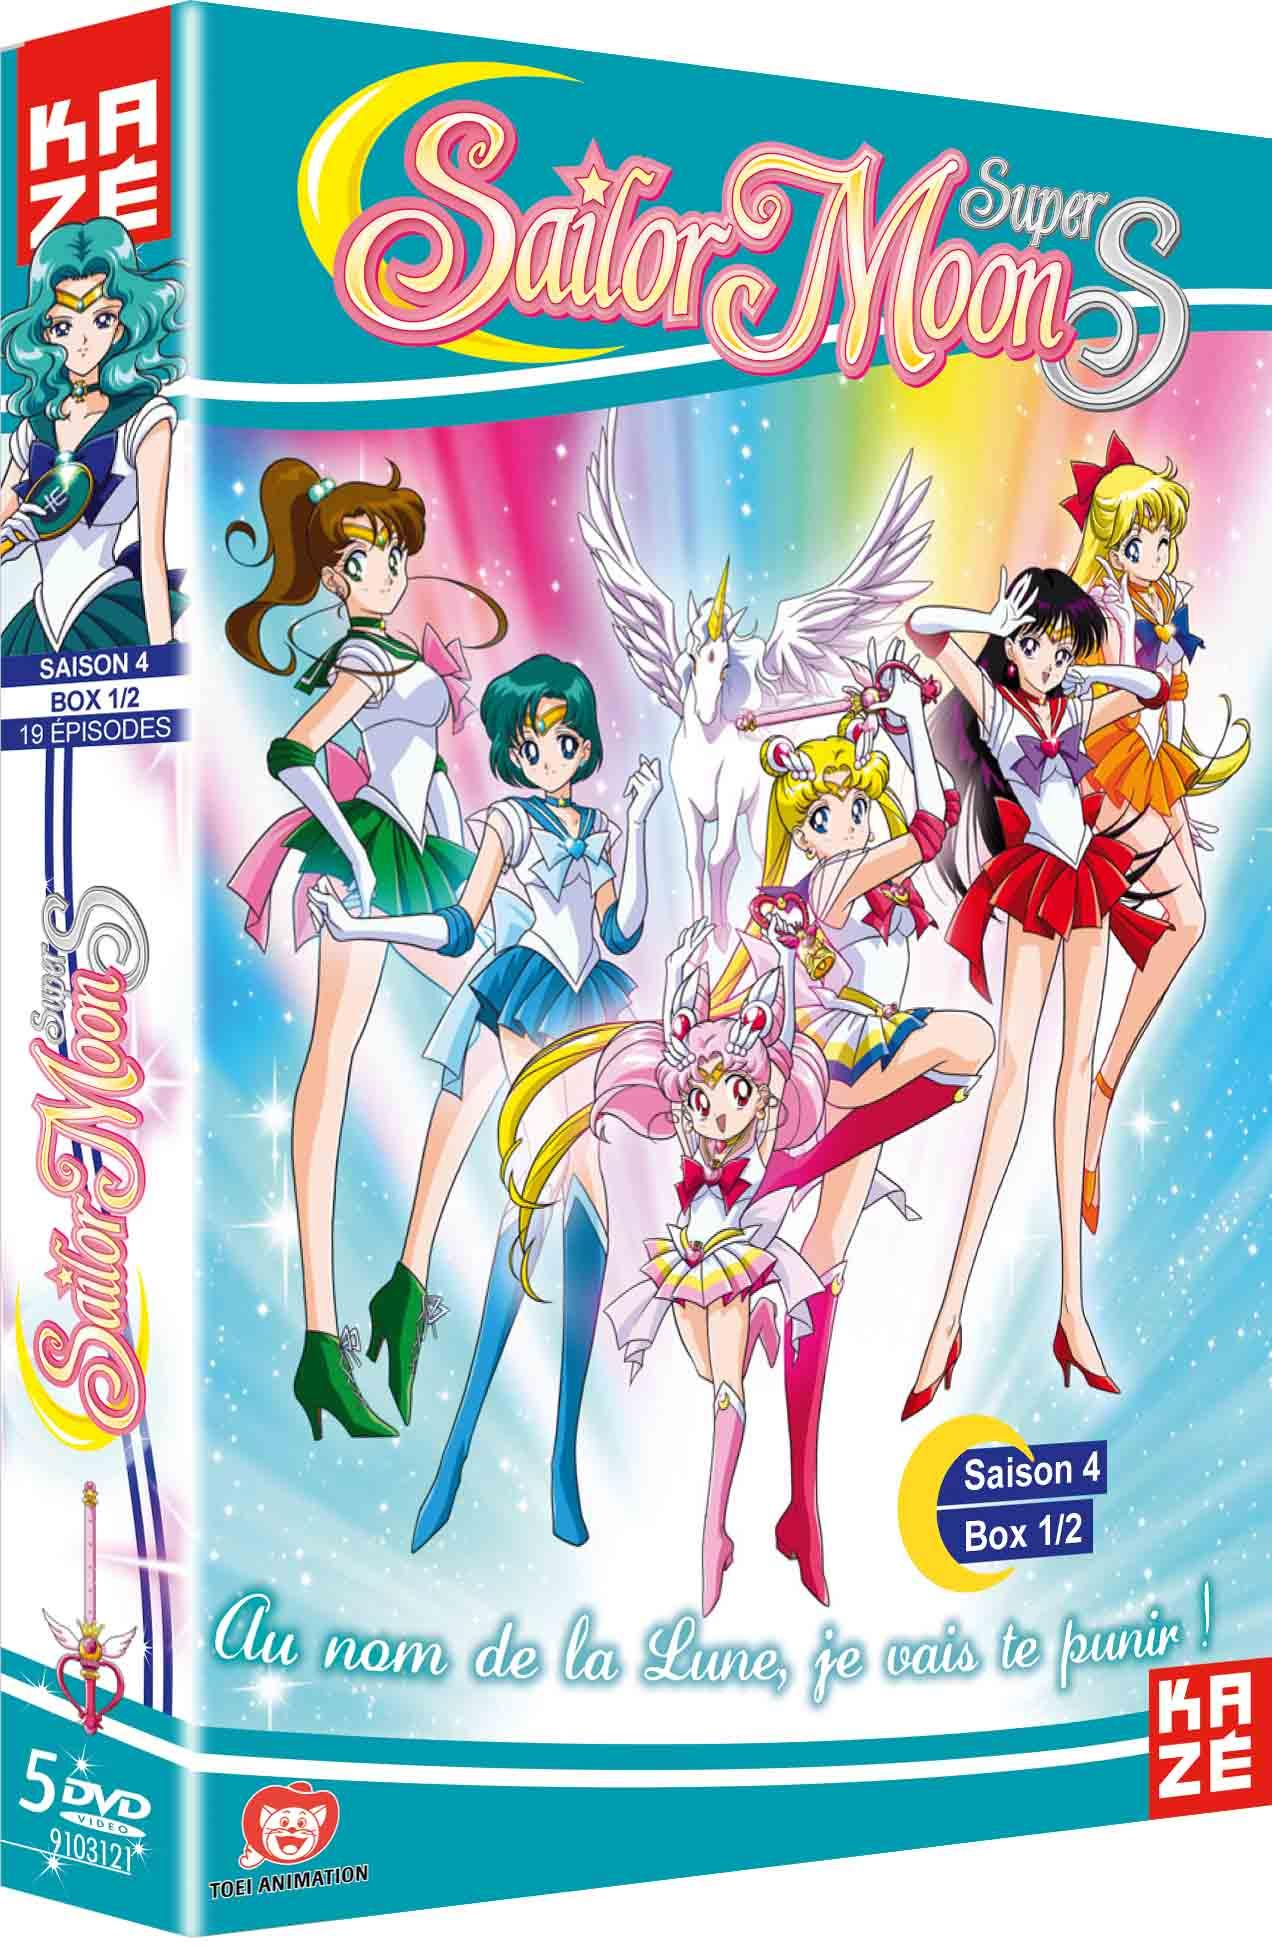 Sailor moon super s - saison 4 - partie 1 sur 2 - 5 dvd